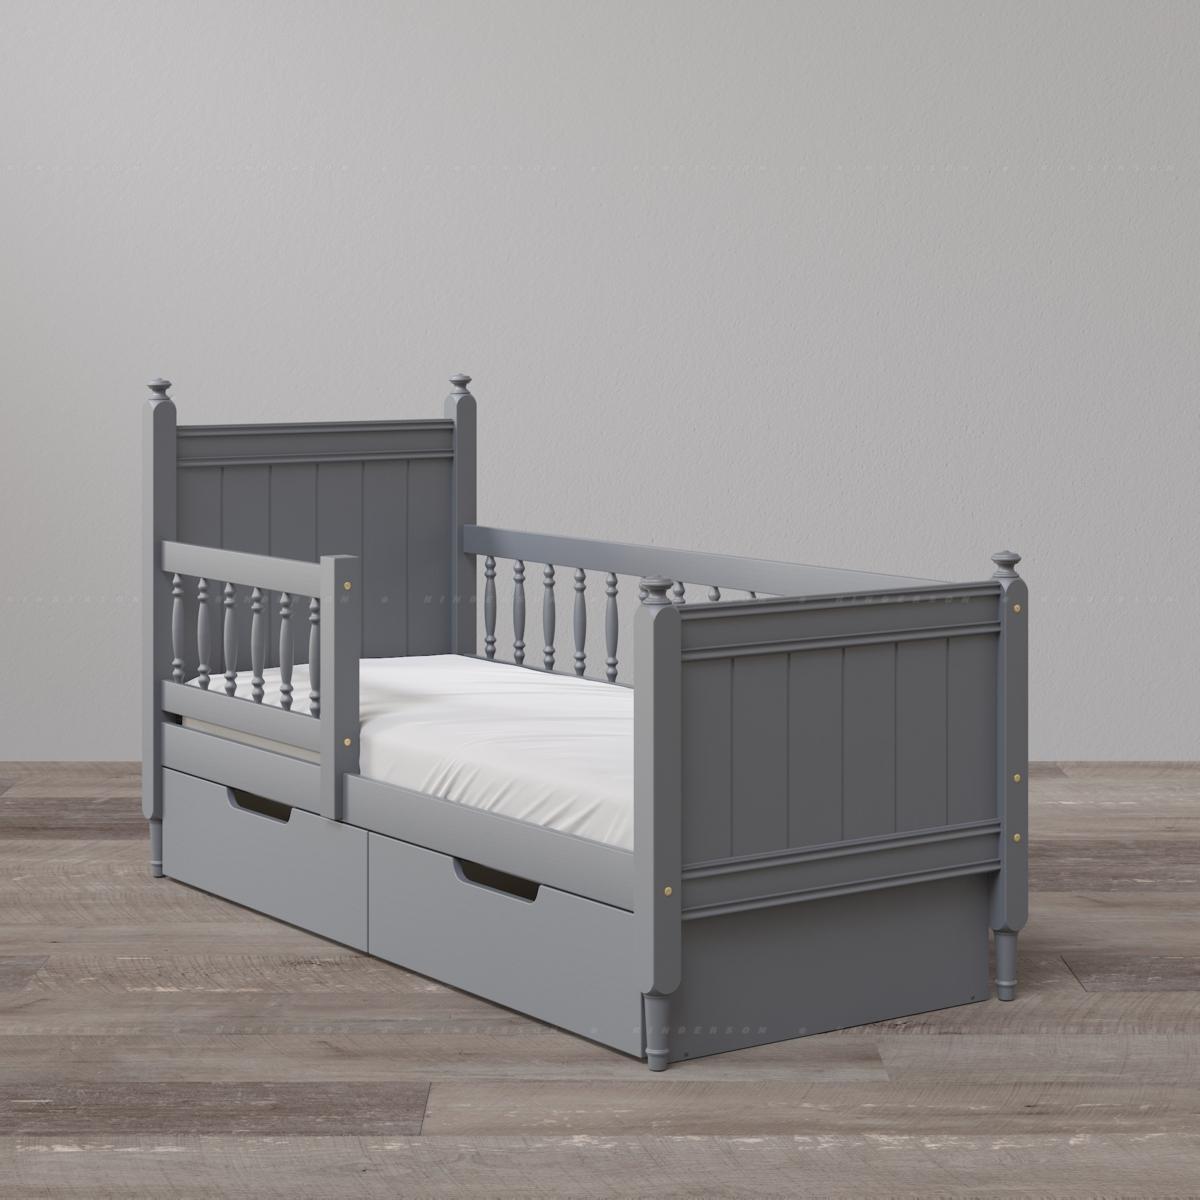 Кровать с высокими спинками. Комплектация с ящиками и бортиками (Опции). Цвет: ral7024 графит.